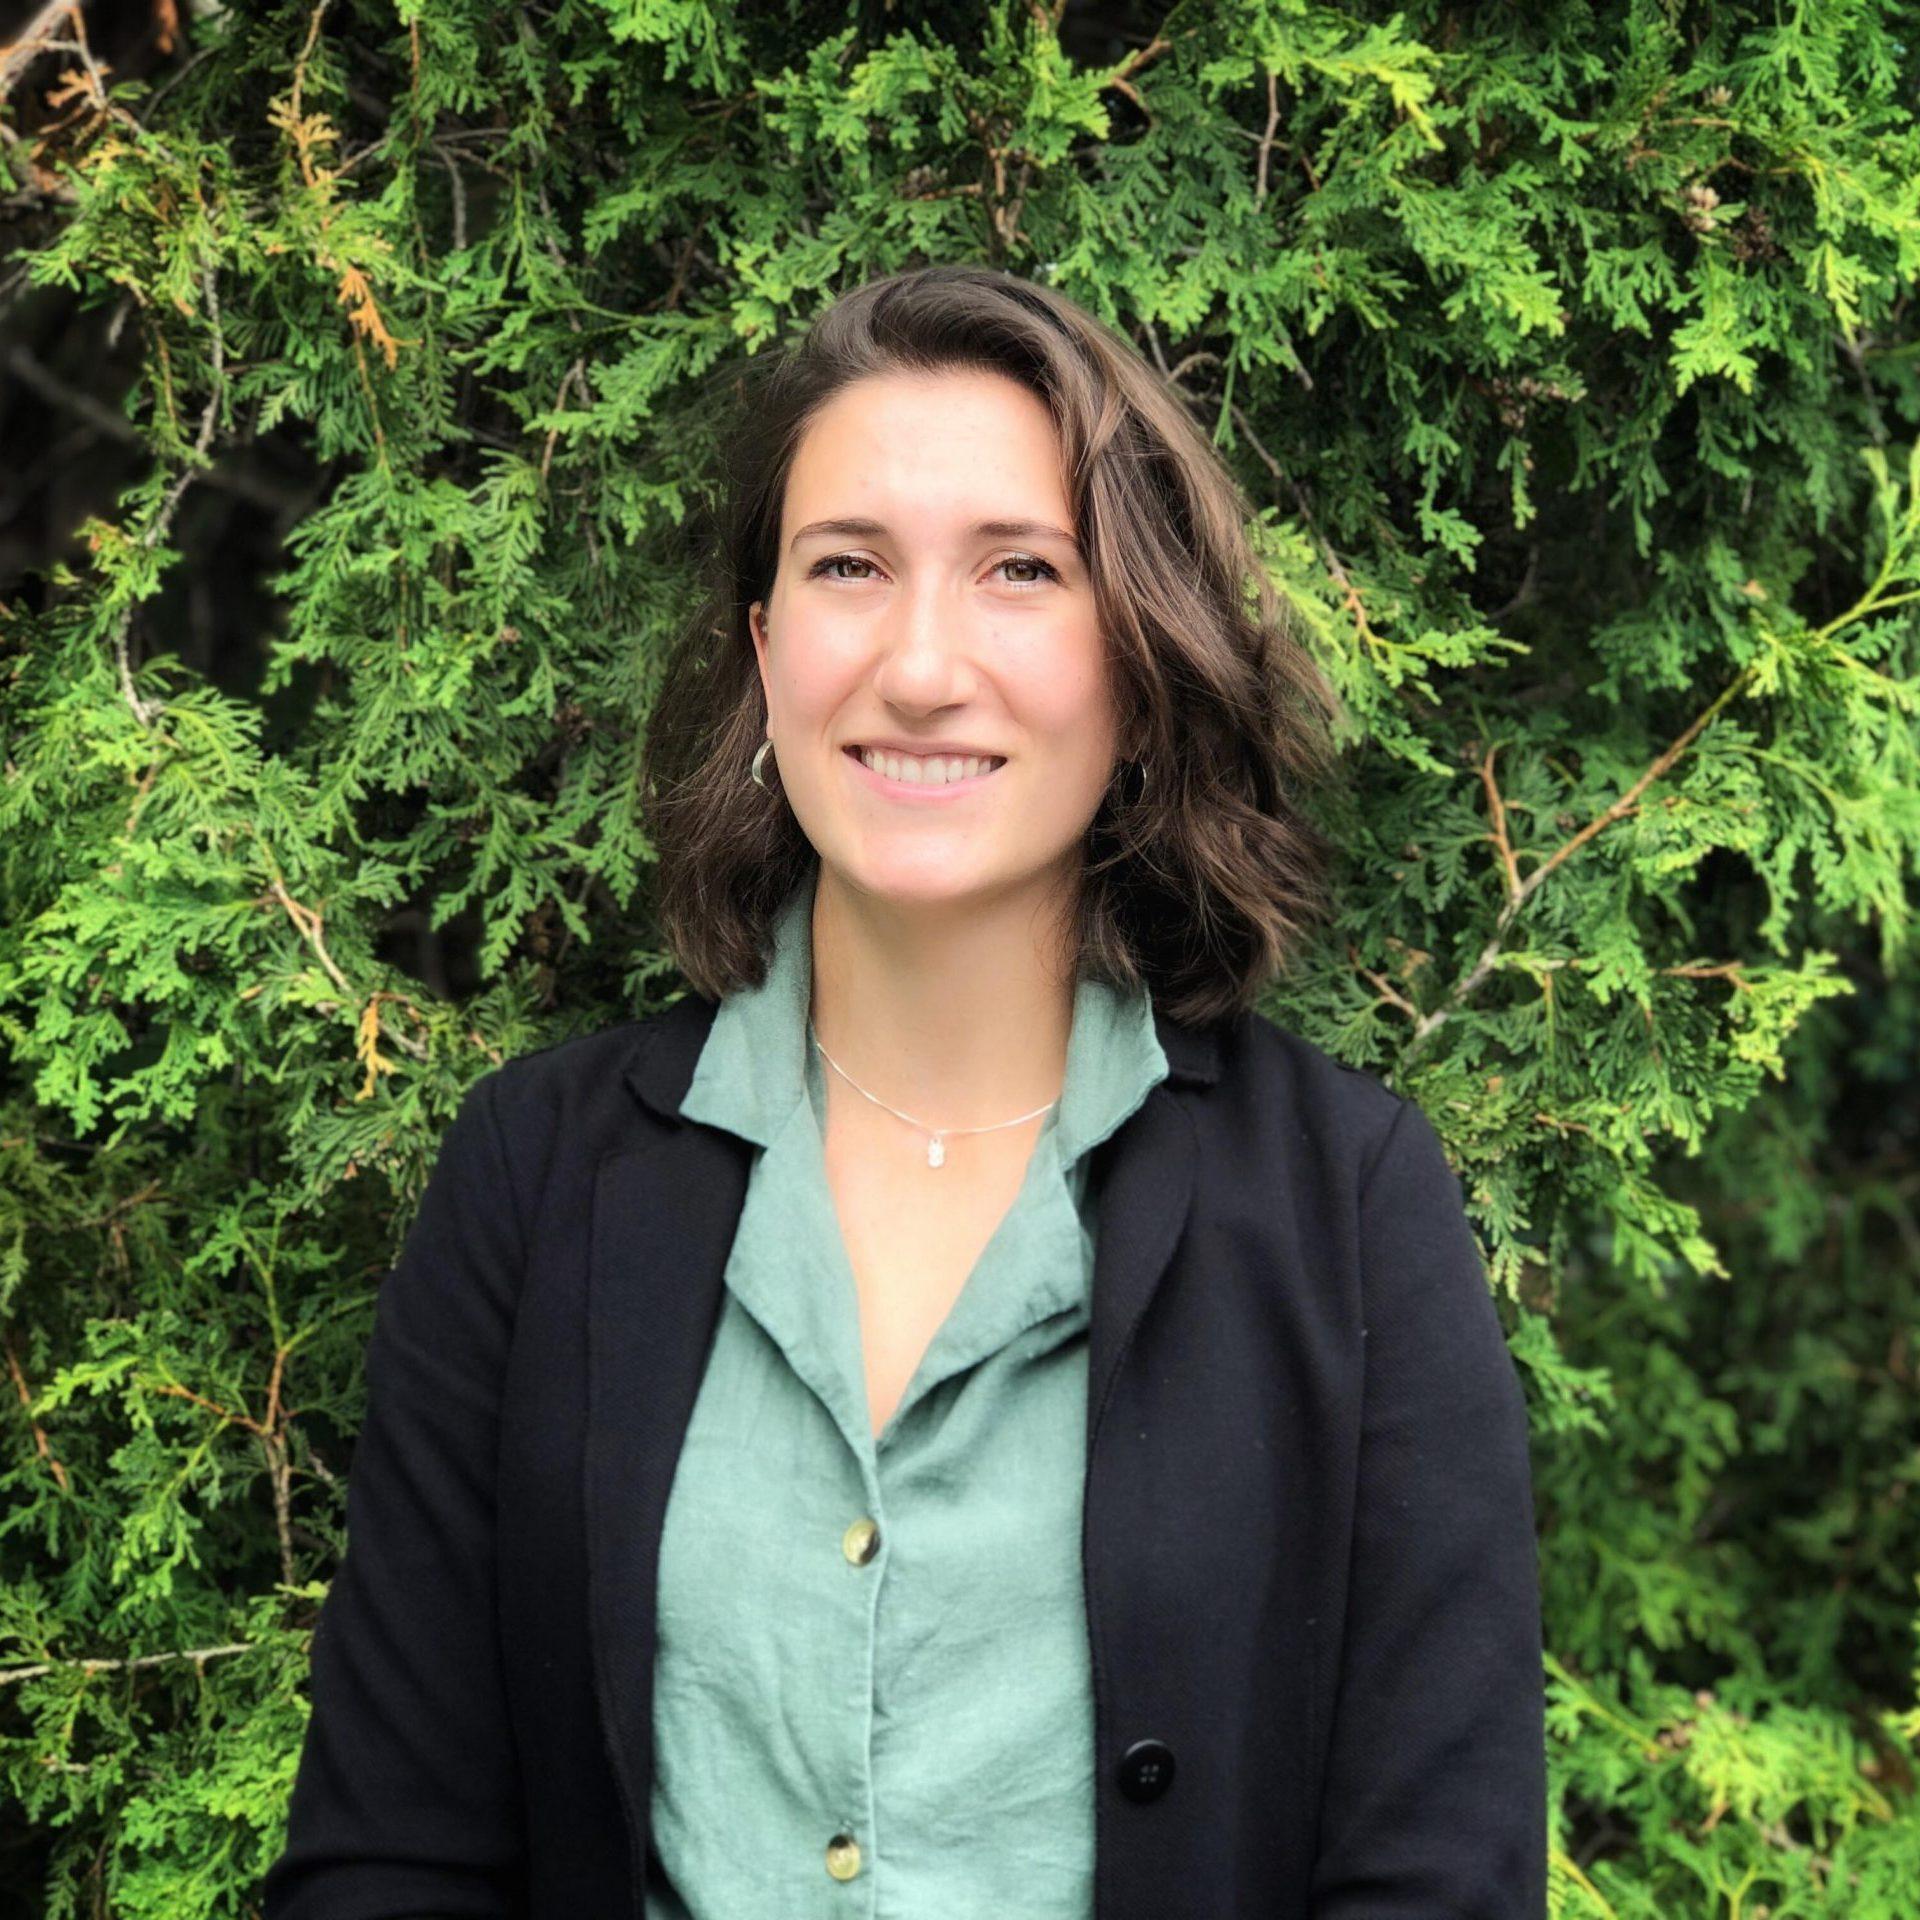 Elise Girouard-Chantal - Political Affairs